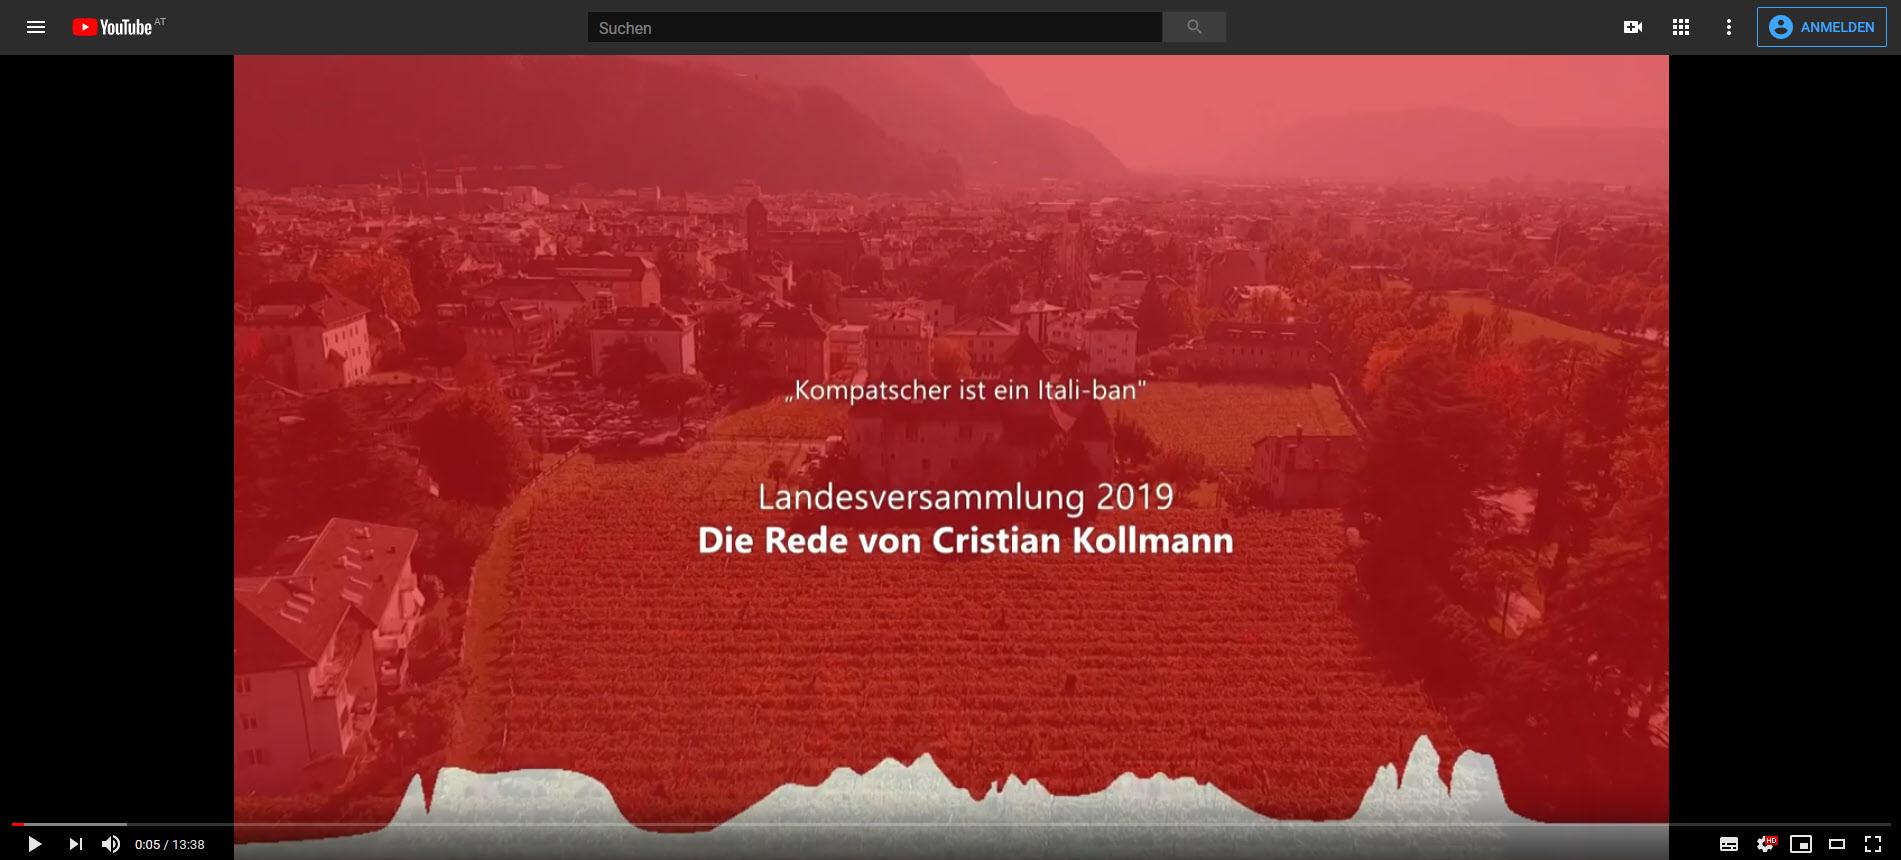 """""""Kompatscher ist ein Itali-ban"""" – Die Rede von Cristian Kollmann auf der Landesversammlung 2019"""